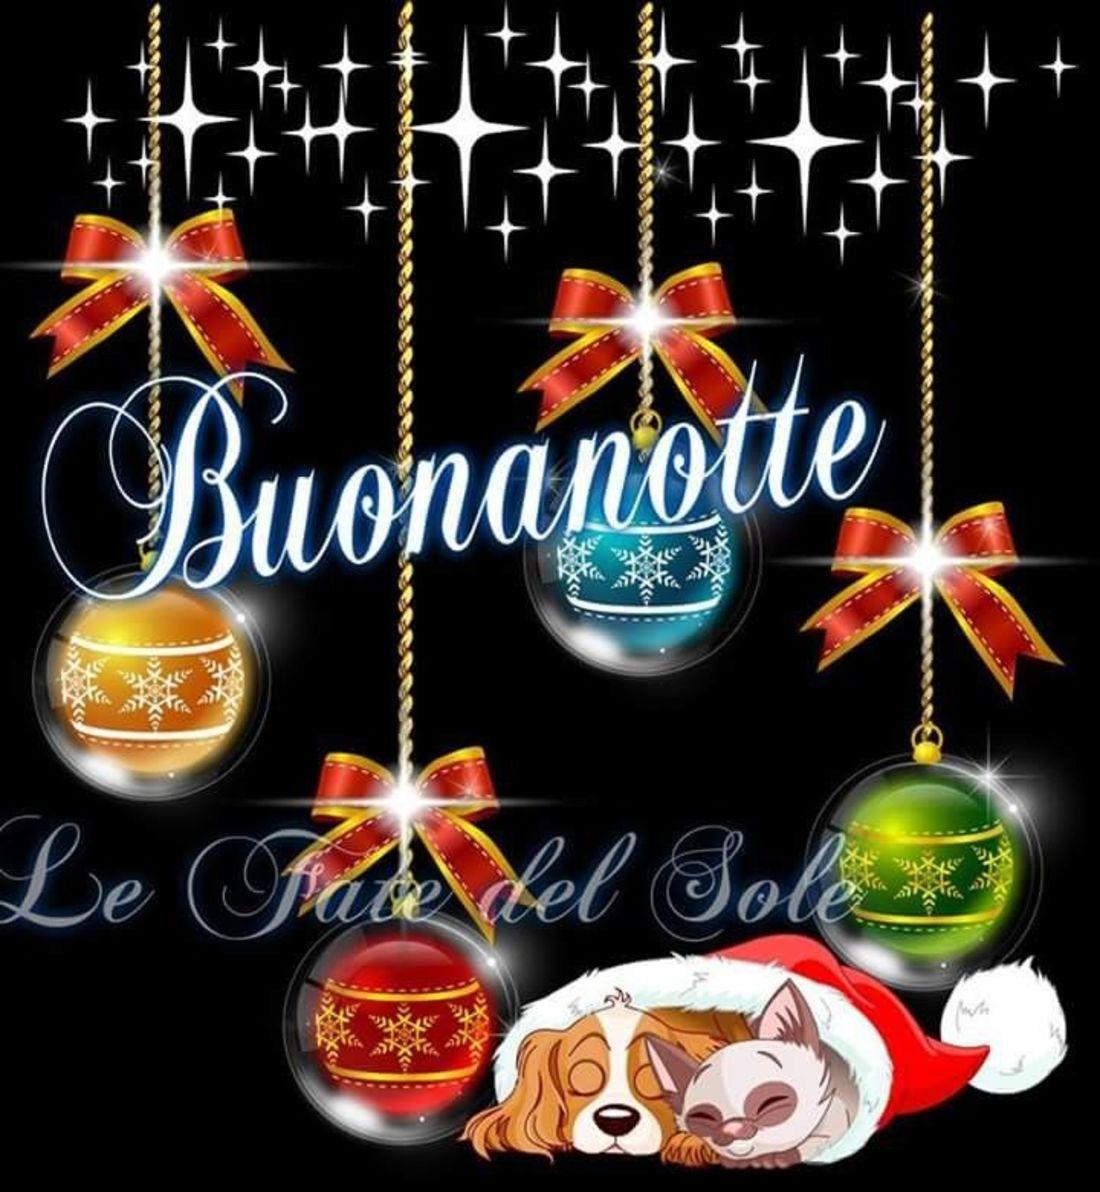 Immagini Buonanotte Belle Gratis Per Whatsapp Web Archives Pagina